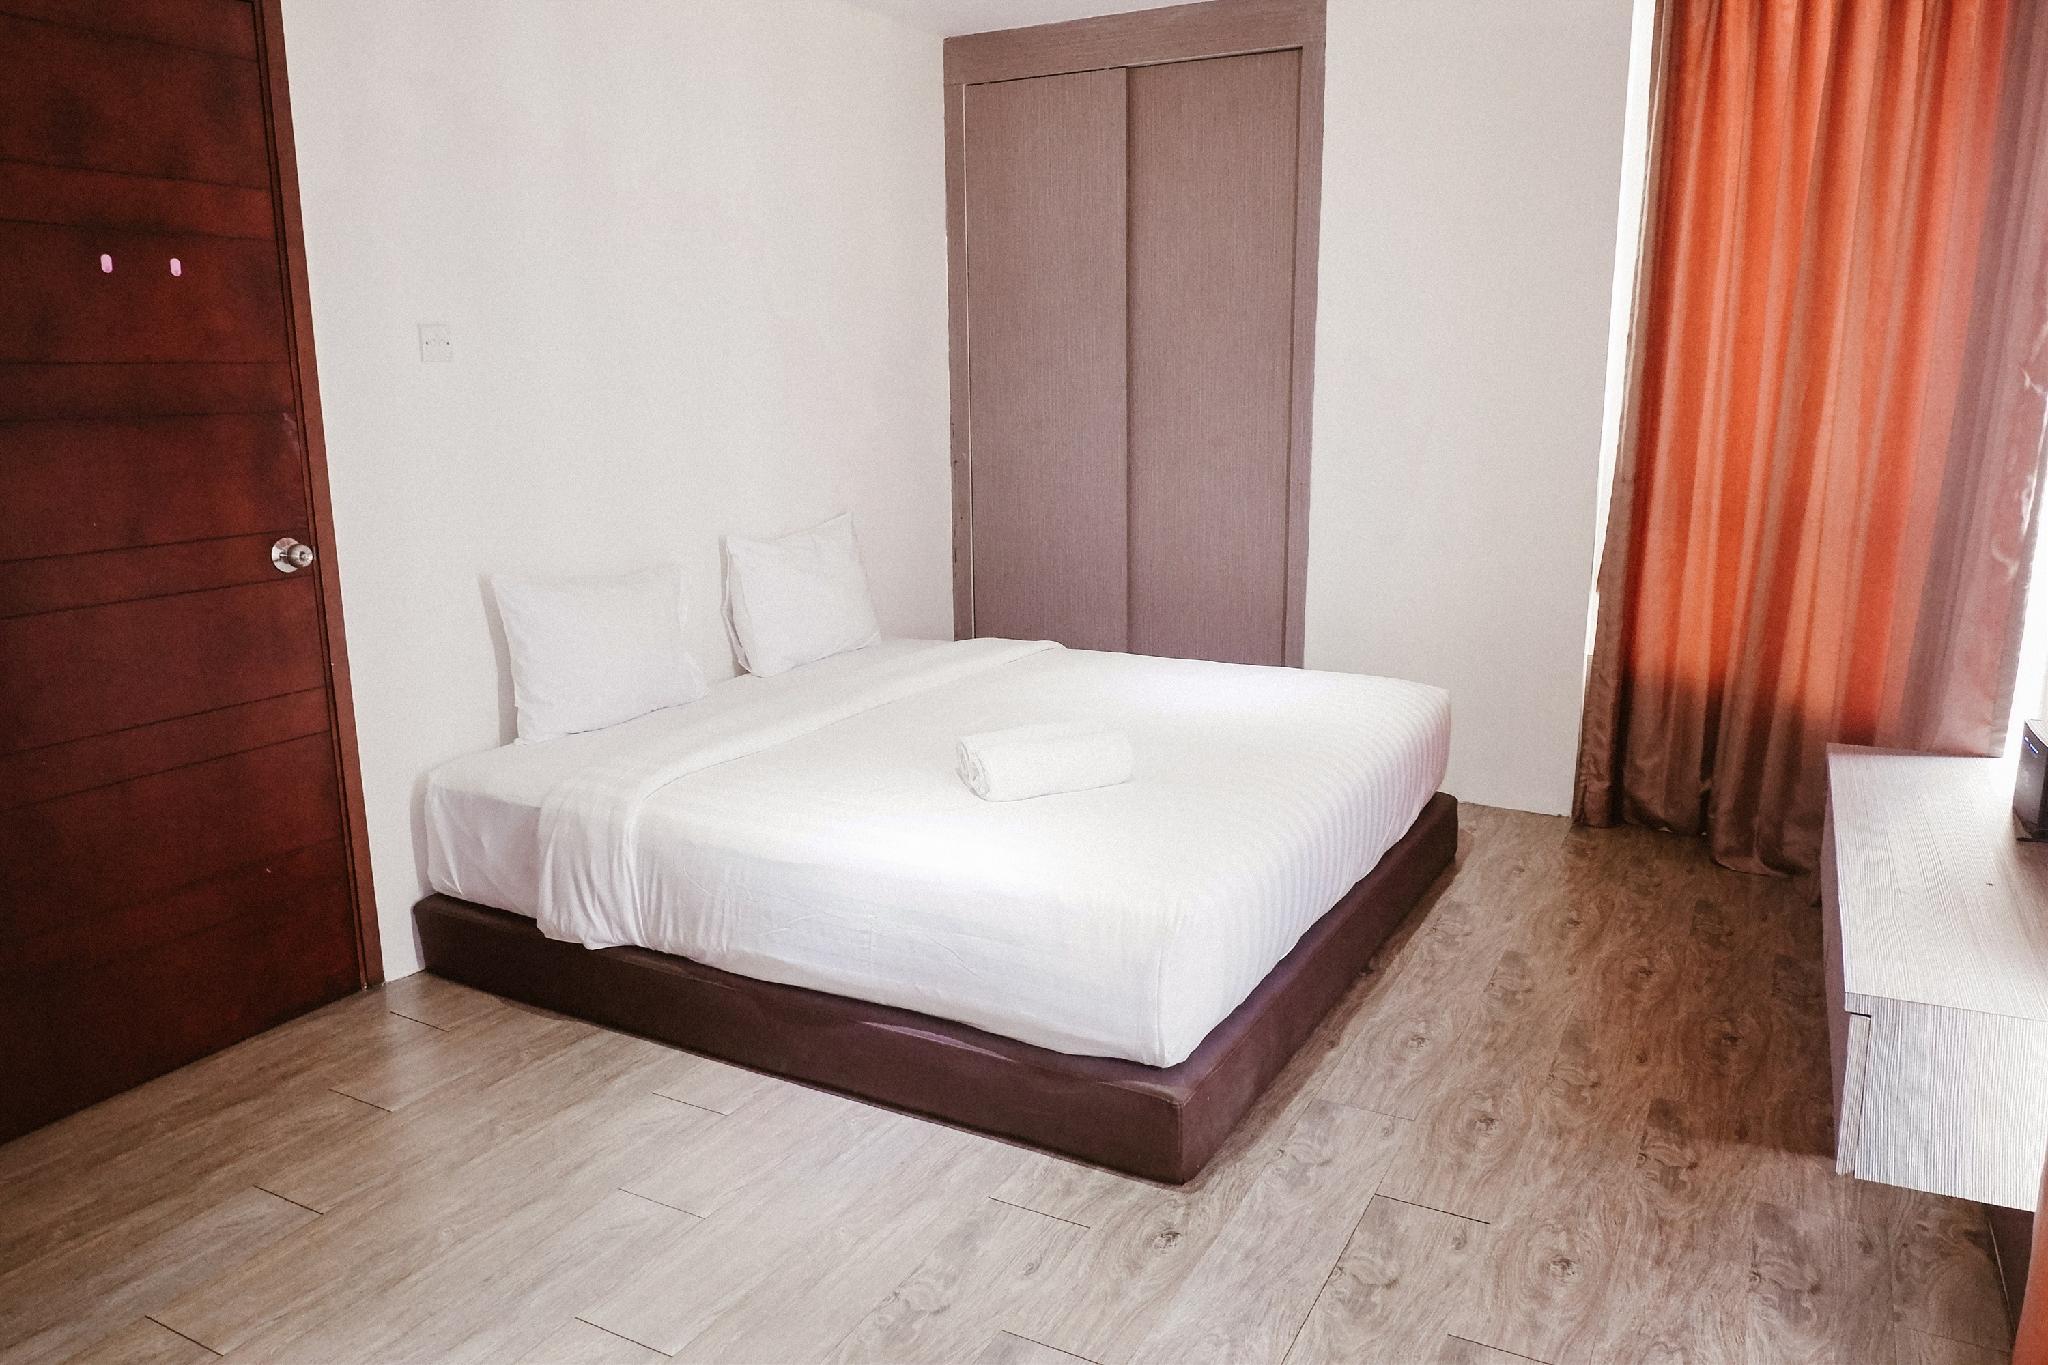 2br Best Western Apt Mangga Dua By Travelio Jakarta 3 Star Hotel Voucher Previous Next